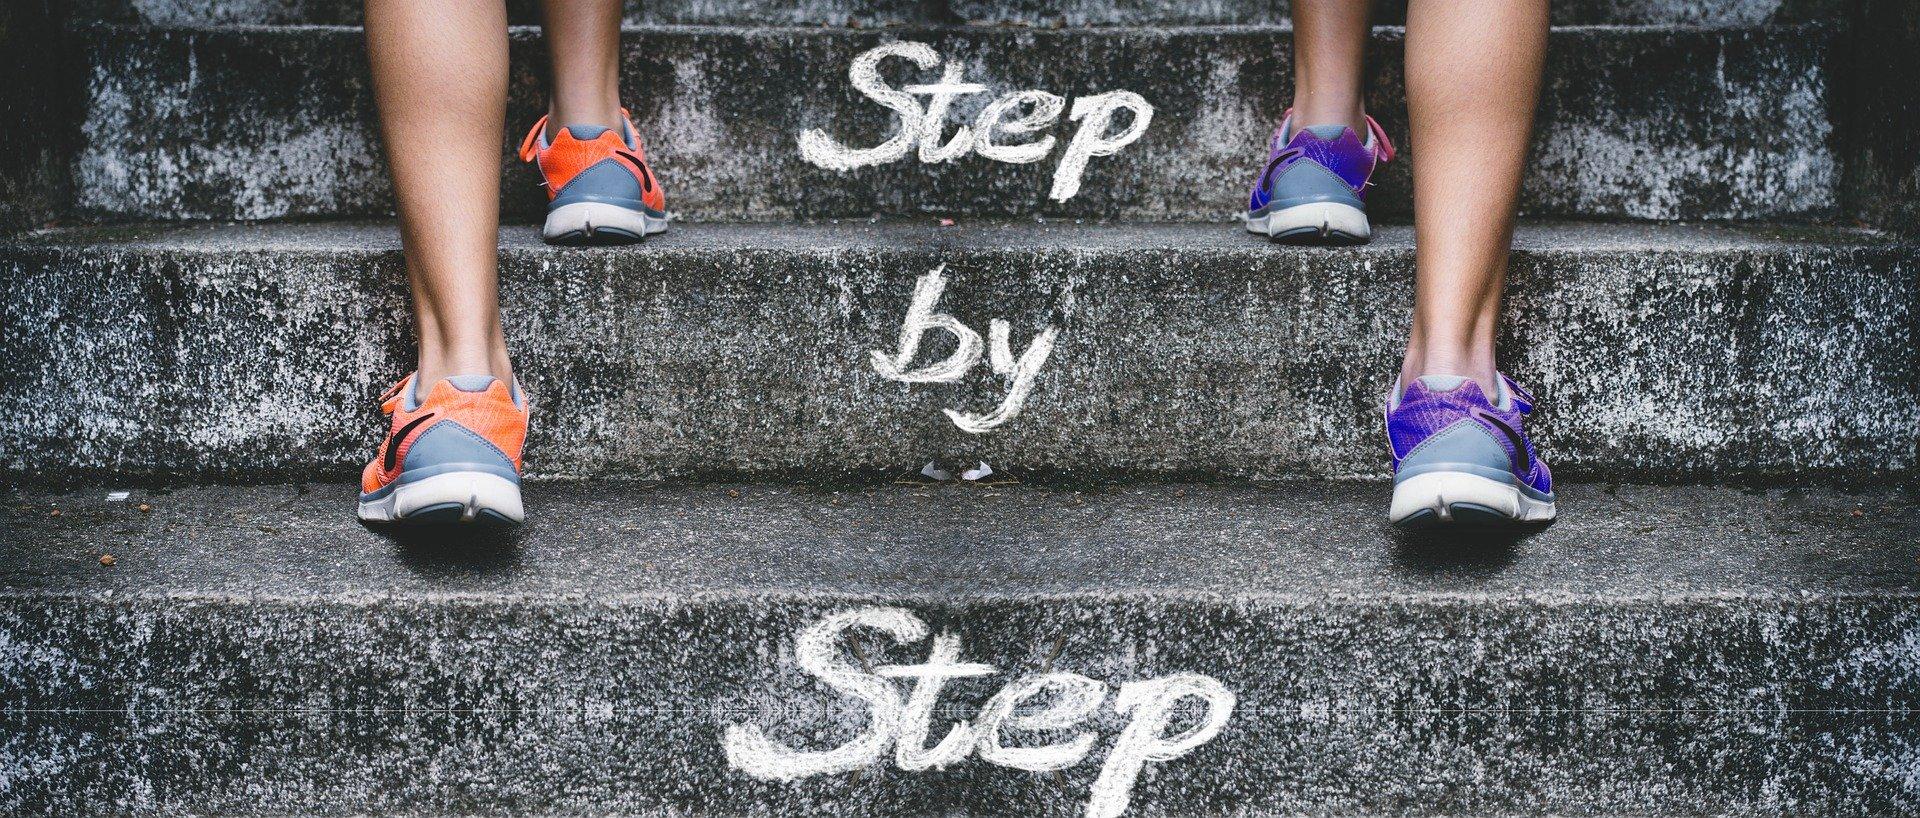 彼女いない歴=年齢の男が女性恐怖を克服する3つのステップ